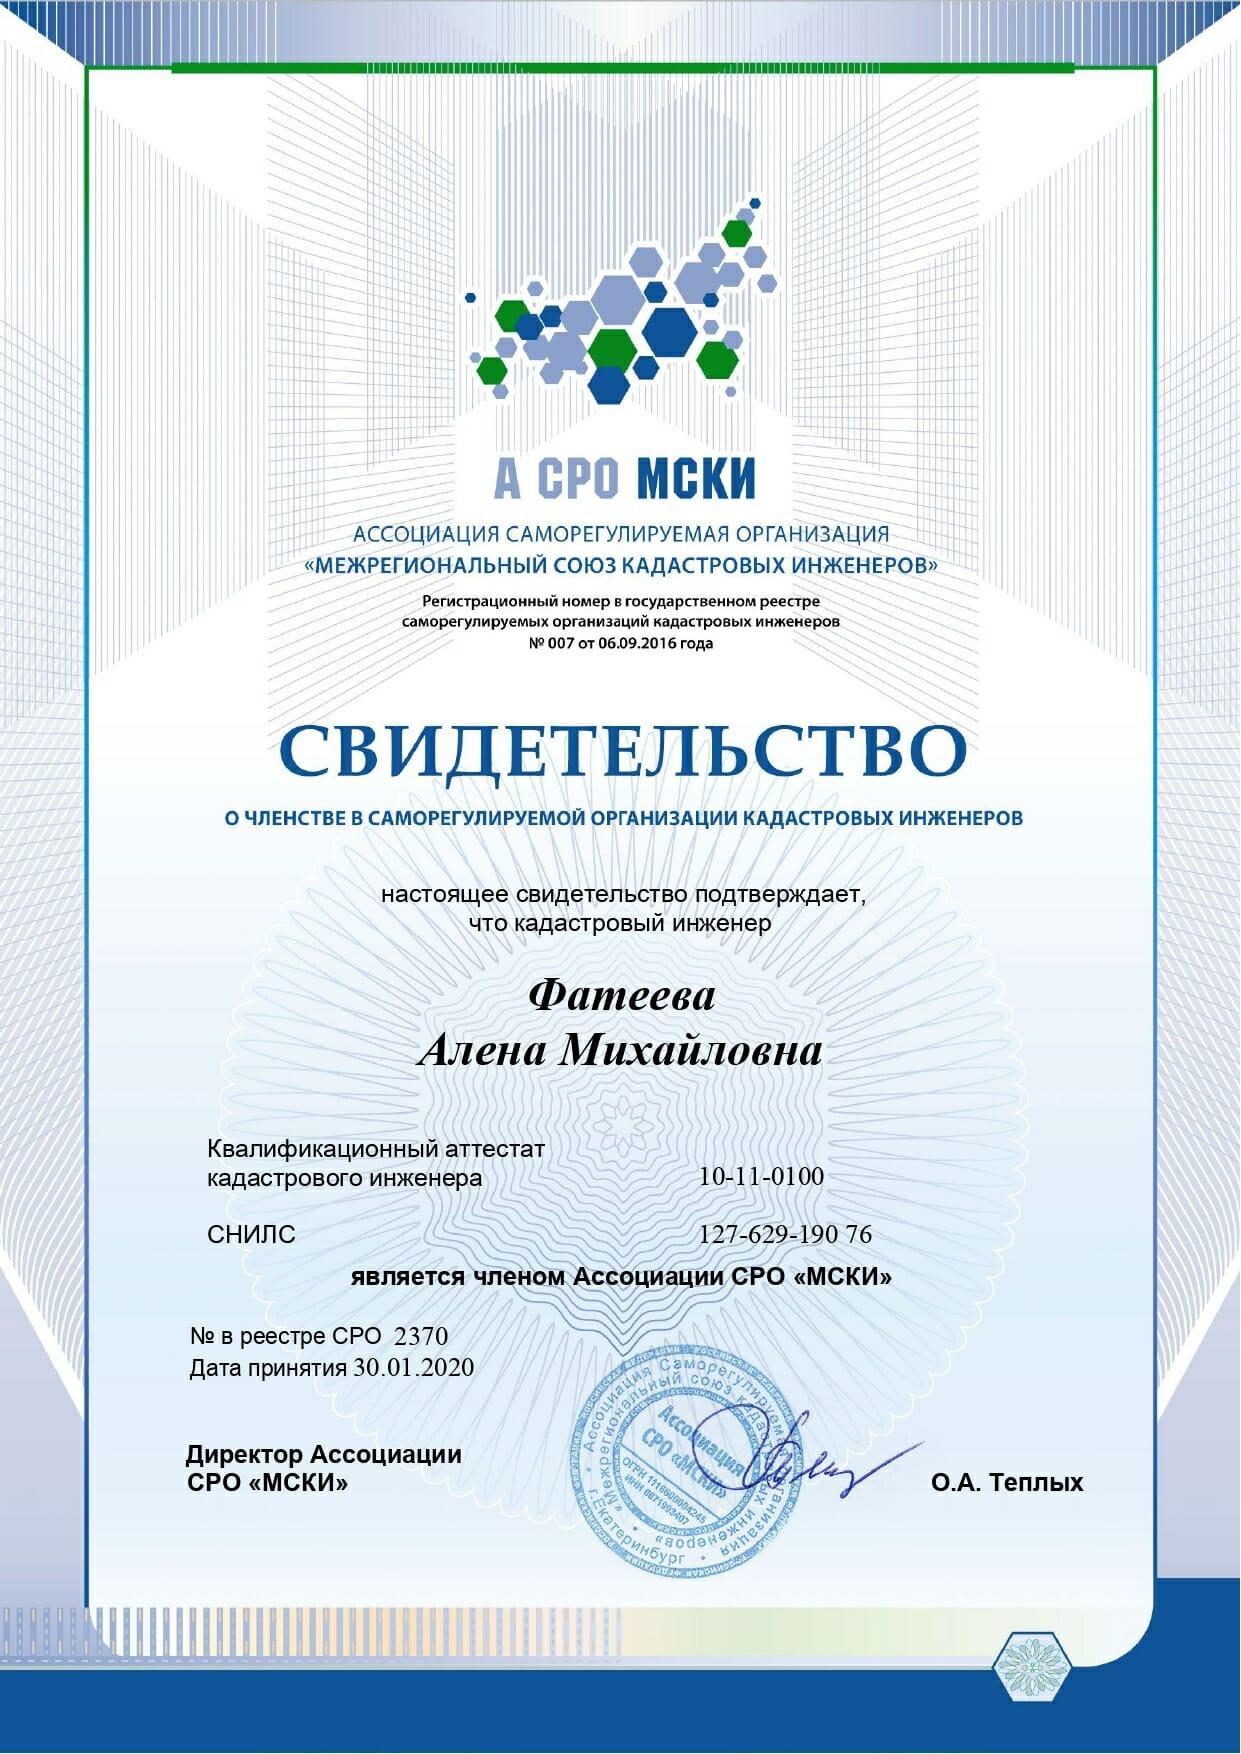 Свидетельство кадастрового инженера Карелгеоком Фатеева А. М.